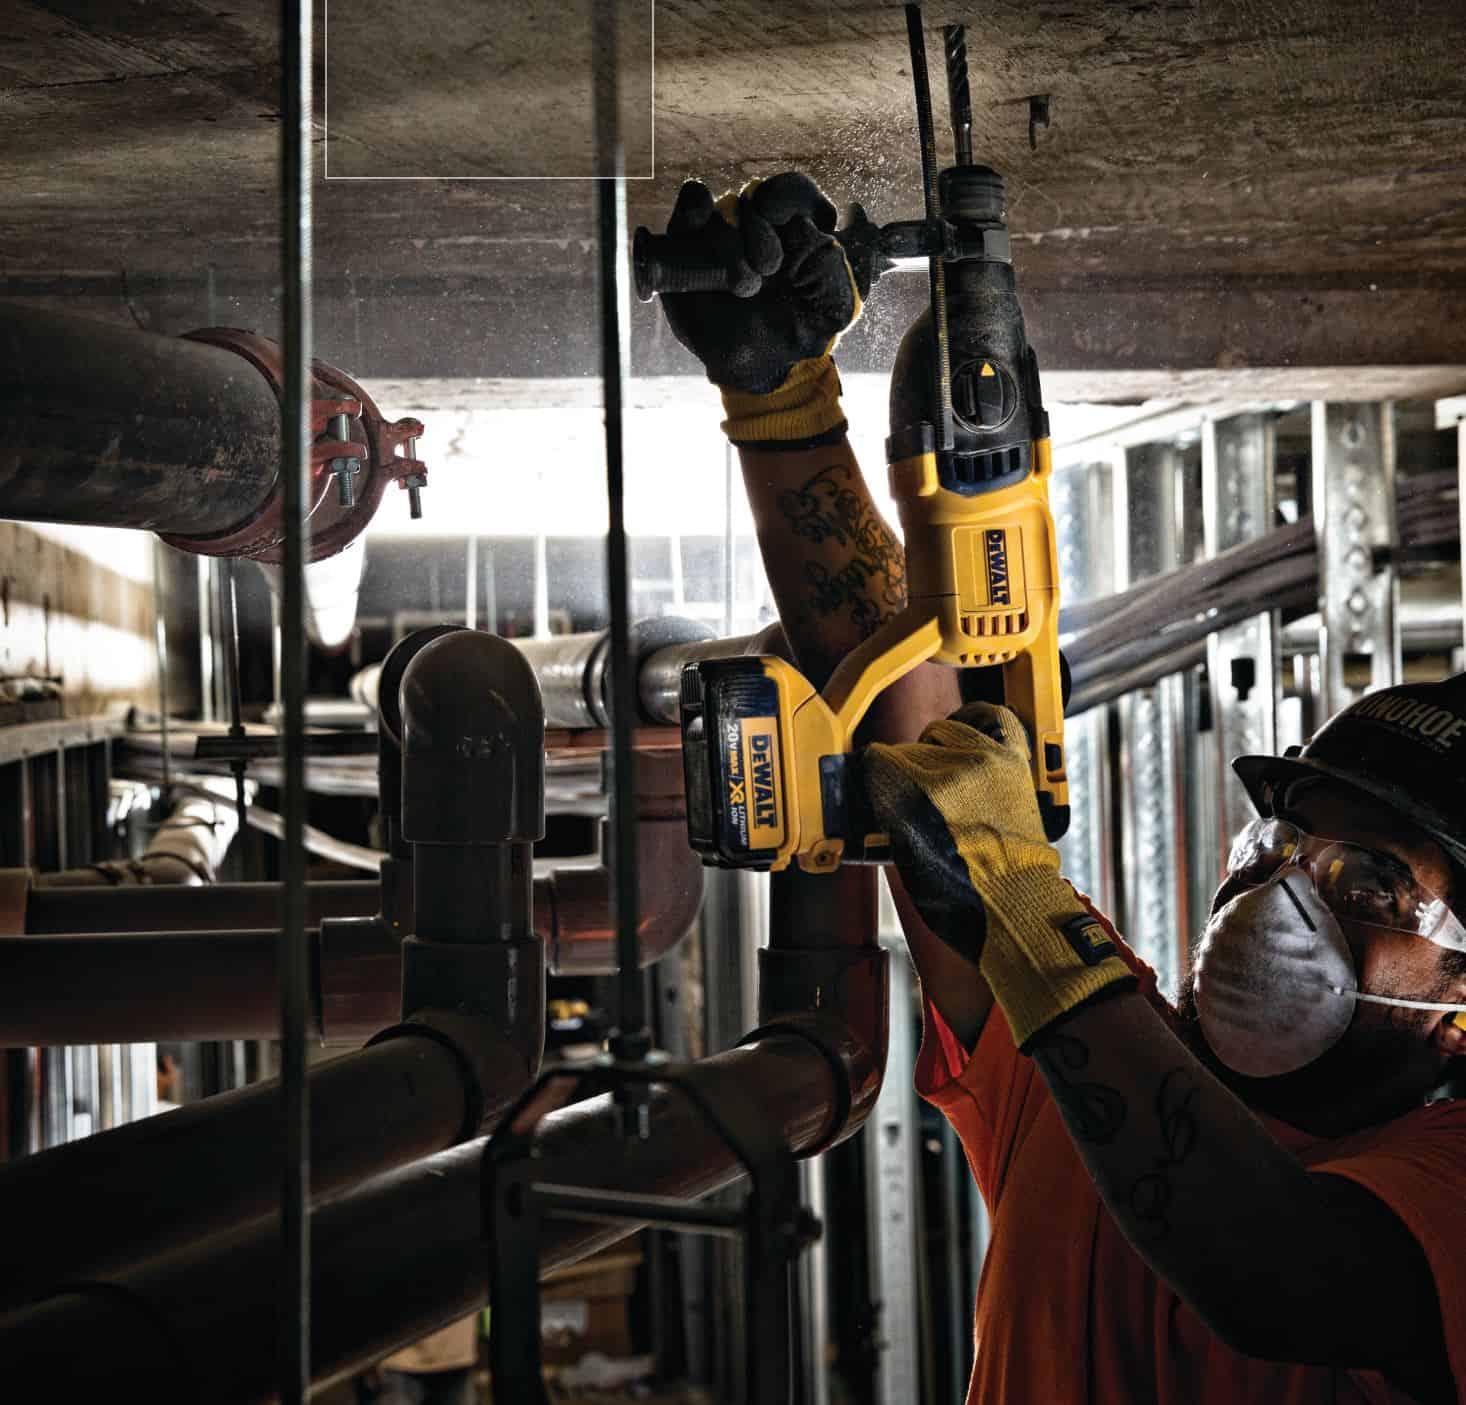 - 18V XR SDS + Brushless Hammer 4Ah